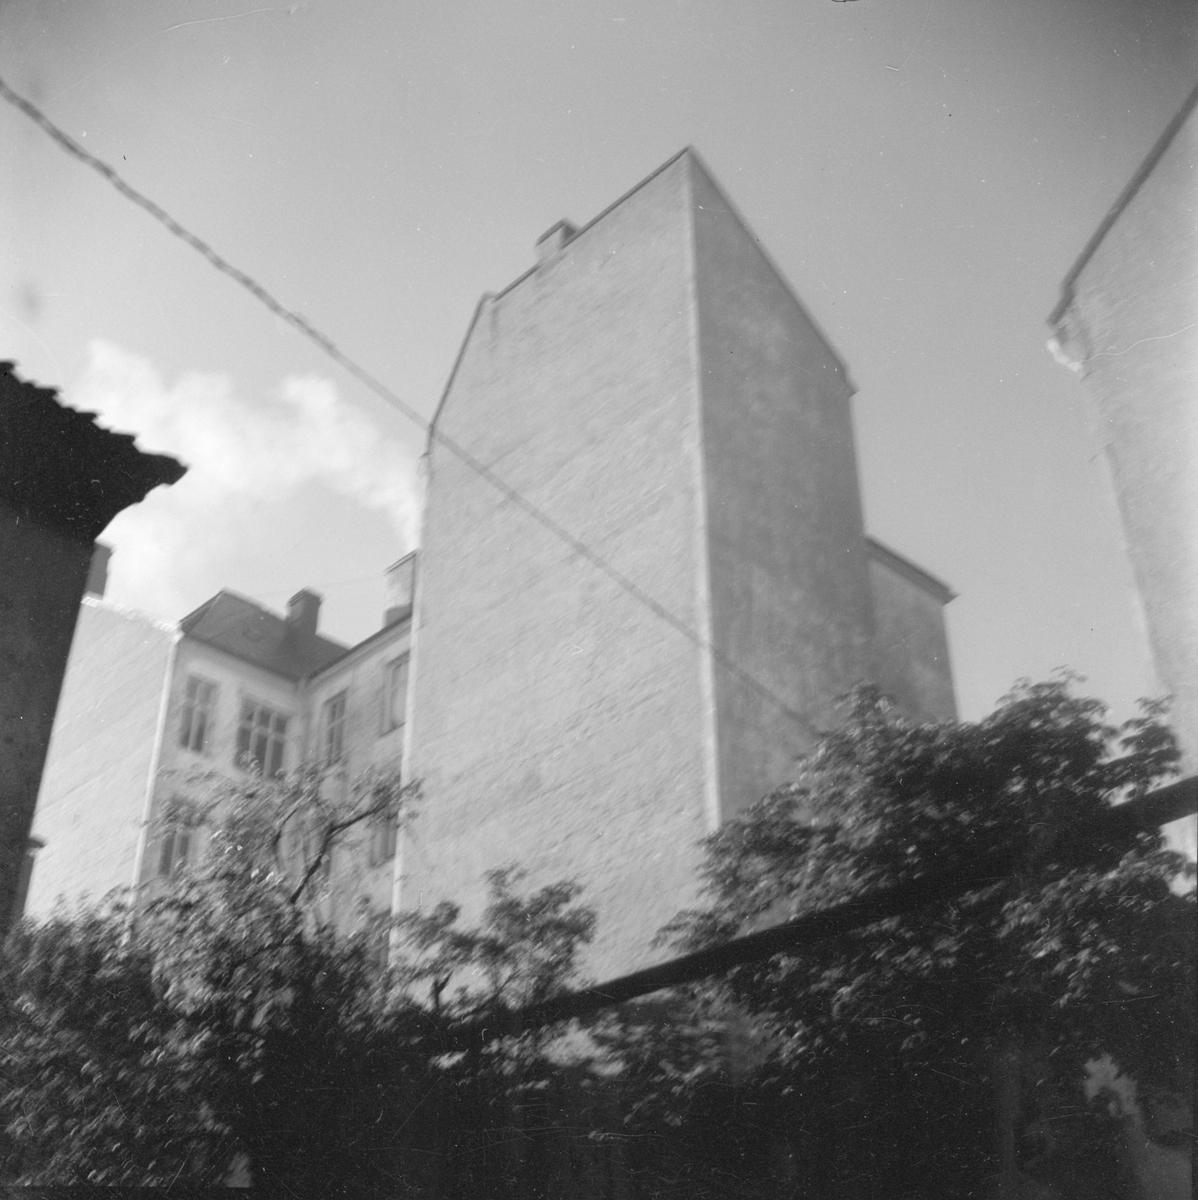 Bostads- och kontorsbyggnaden Skandalhuset, kvarteret Rosenberg, Fjärdingen, Uppsala